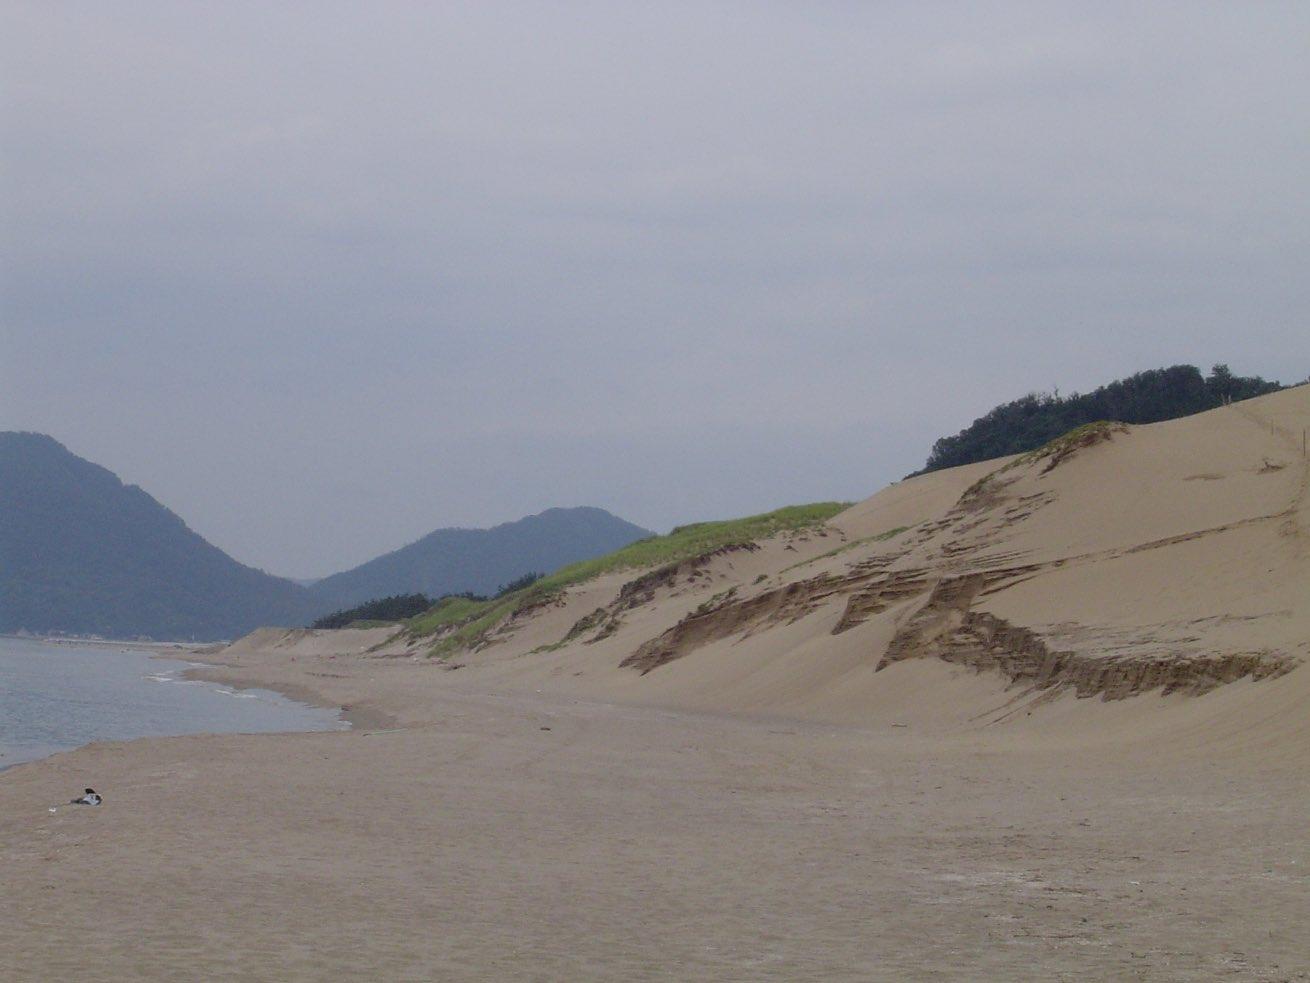 Tottori Sand Dunes  Next Stop, Japan